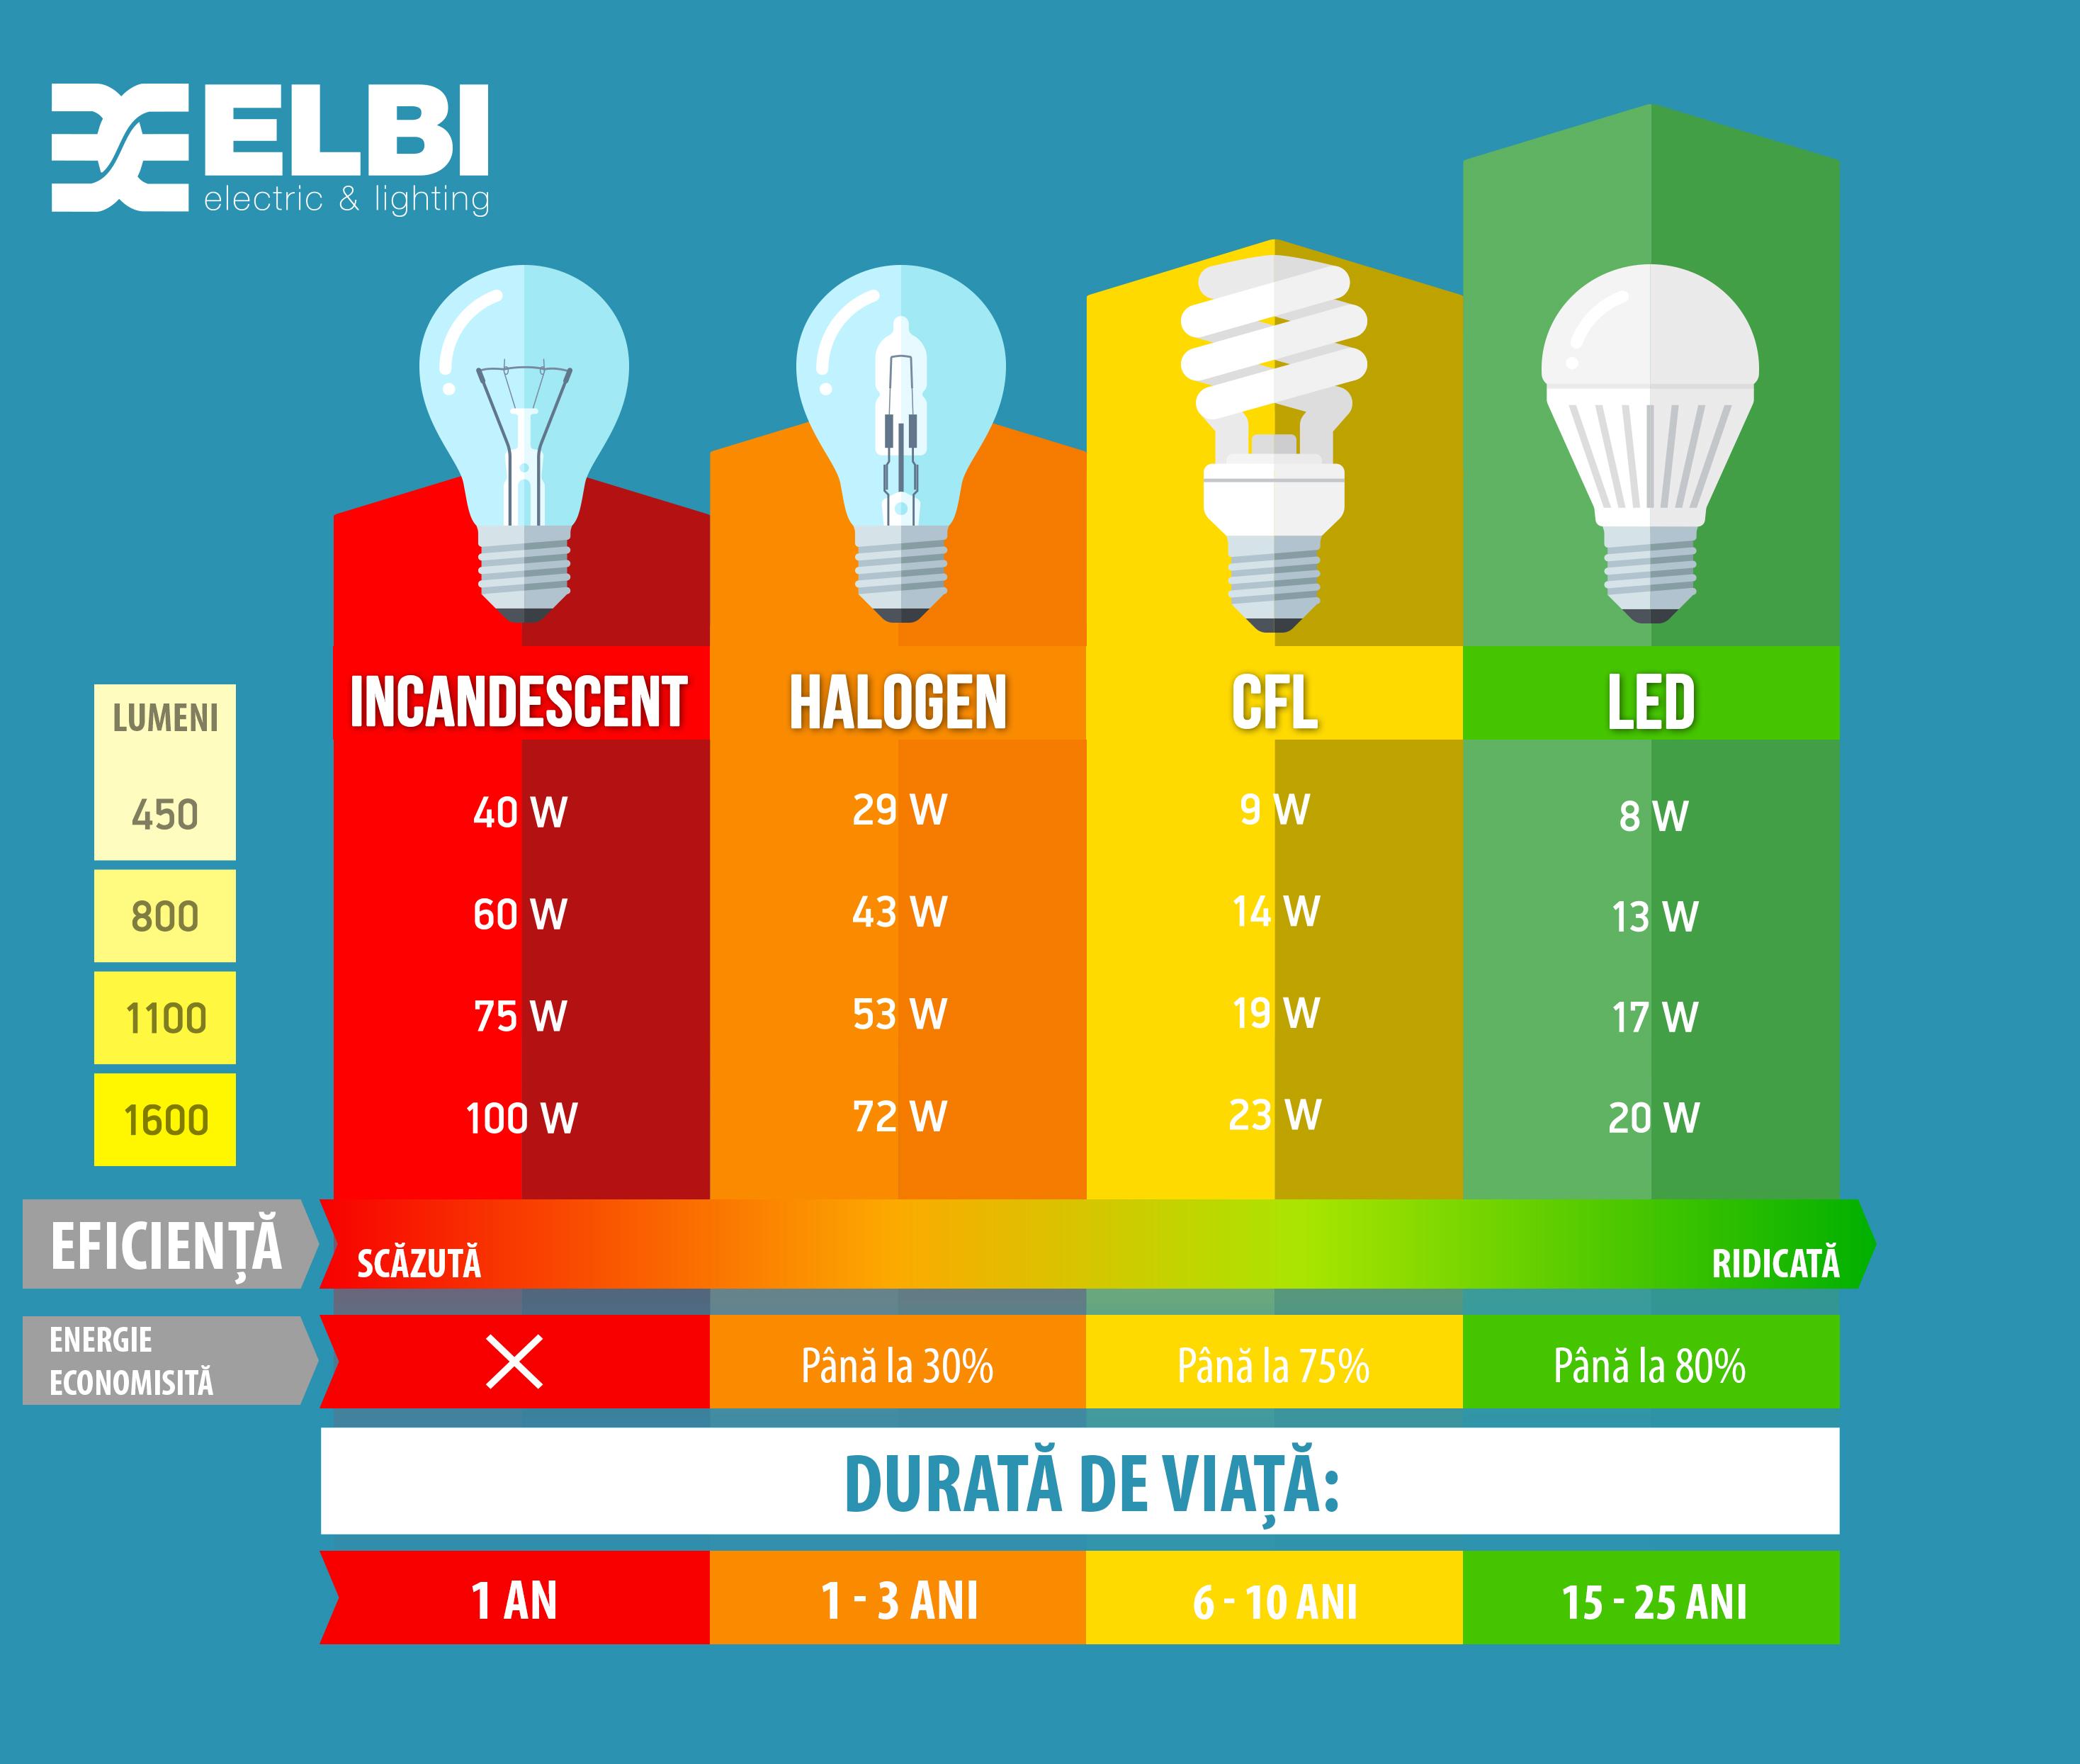 Vânzările de becuri LED le-au depășit pentru prima dată pe cele convenționale în România